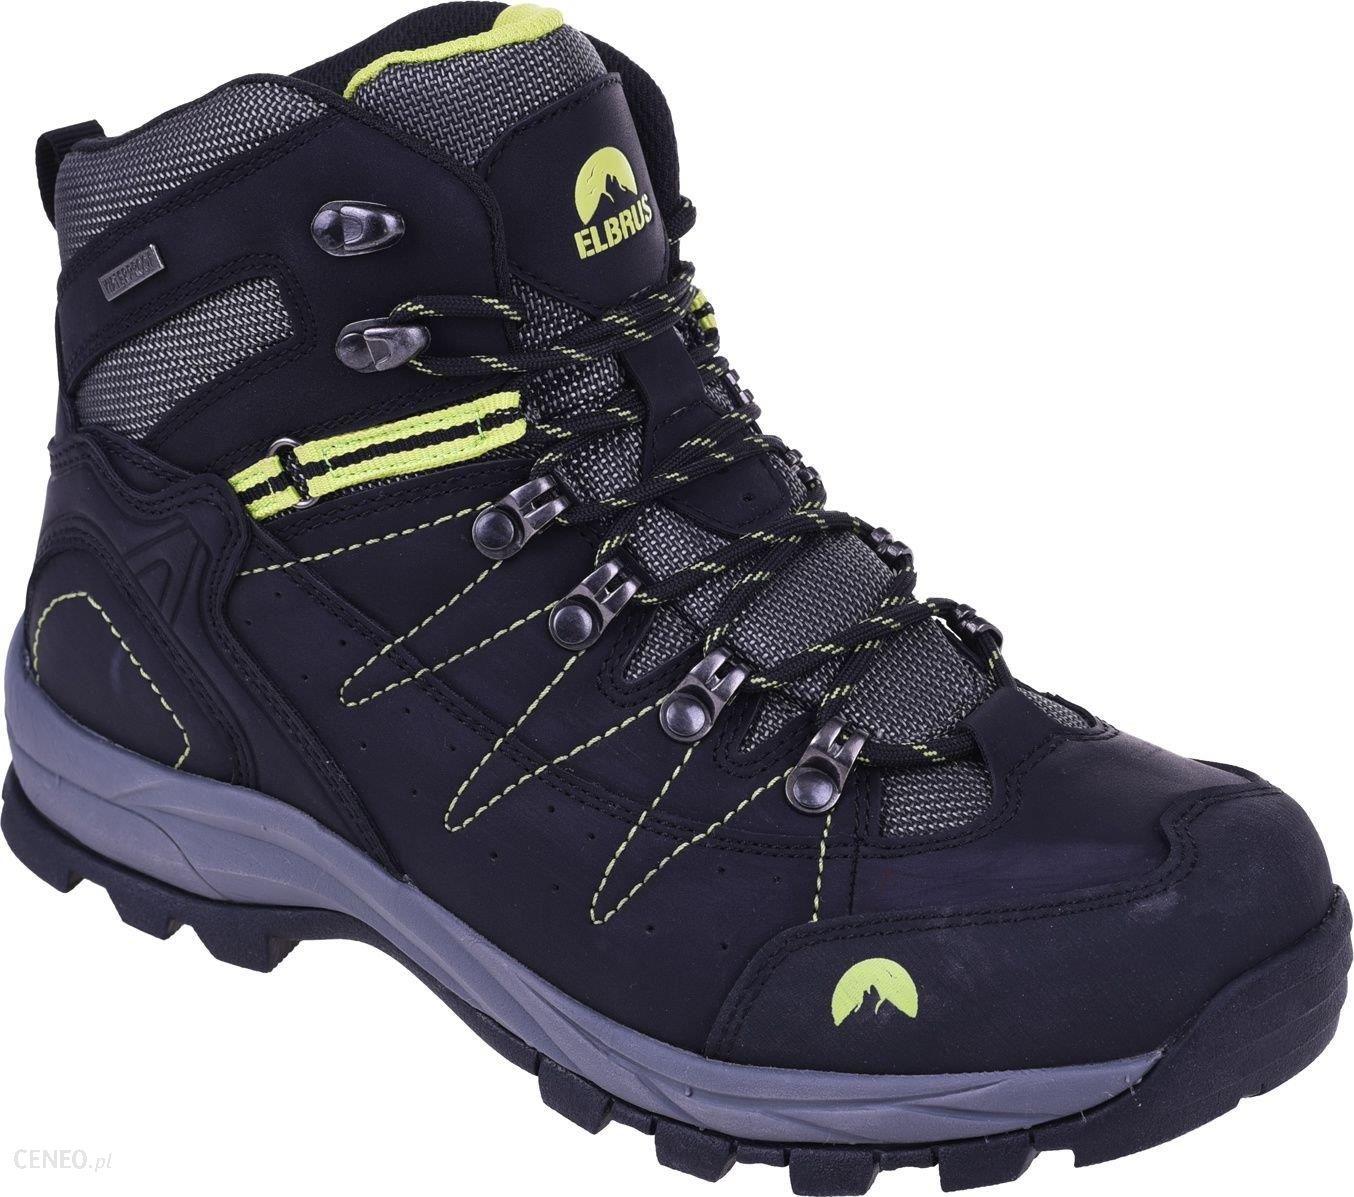 Buty trekkingowe ELBRUS Buty m?skie Talon Mid WP Black r. 46 Ceny i opinie Ceneo.pl